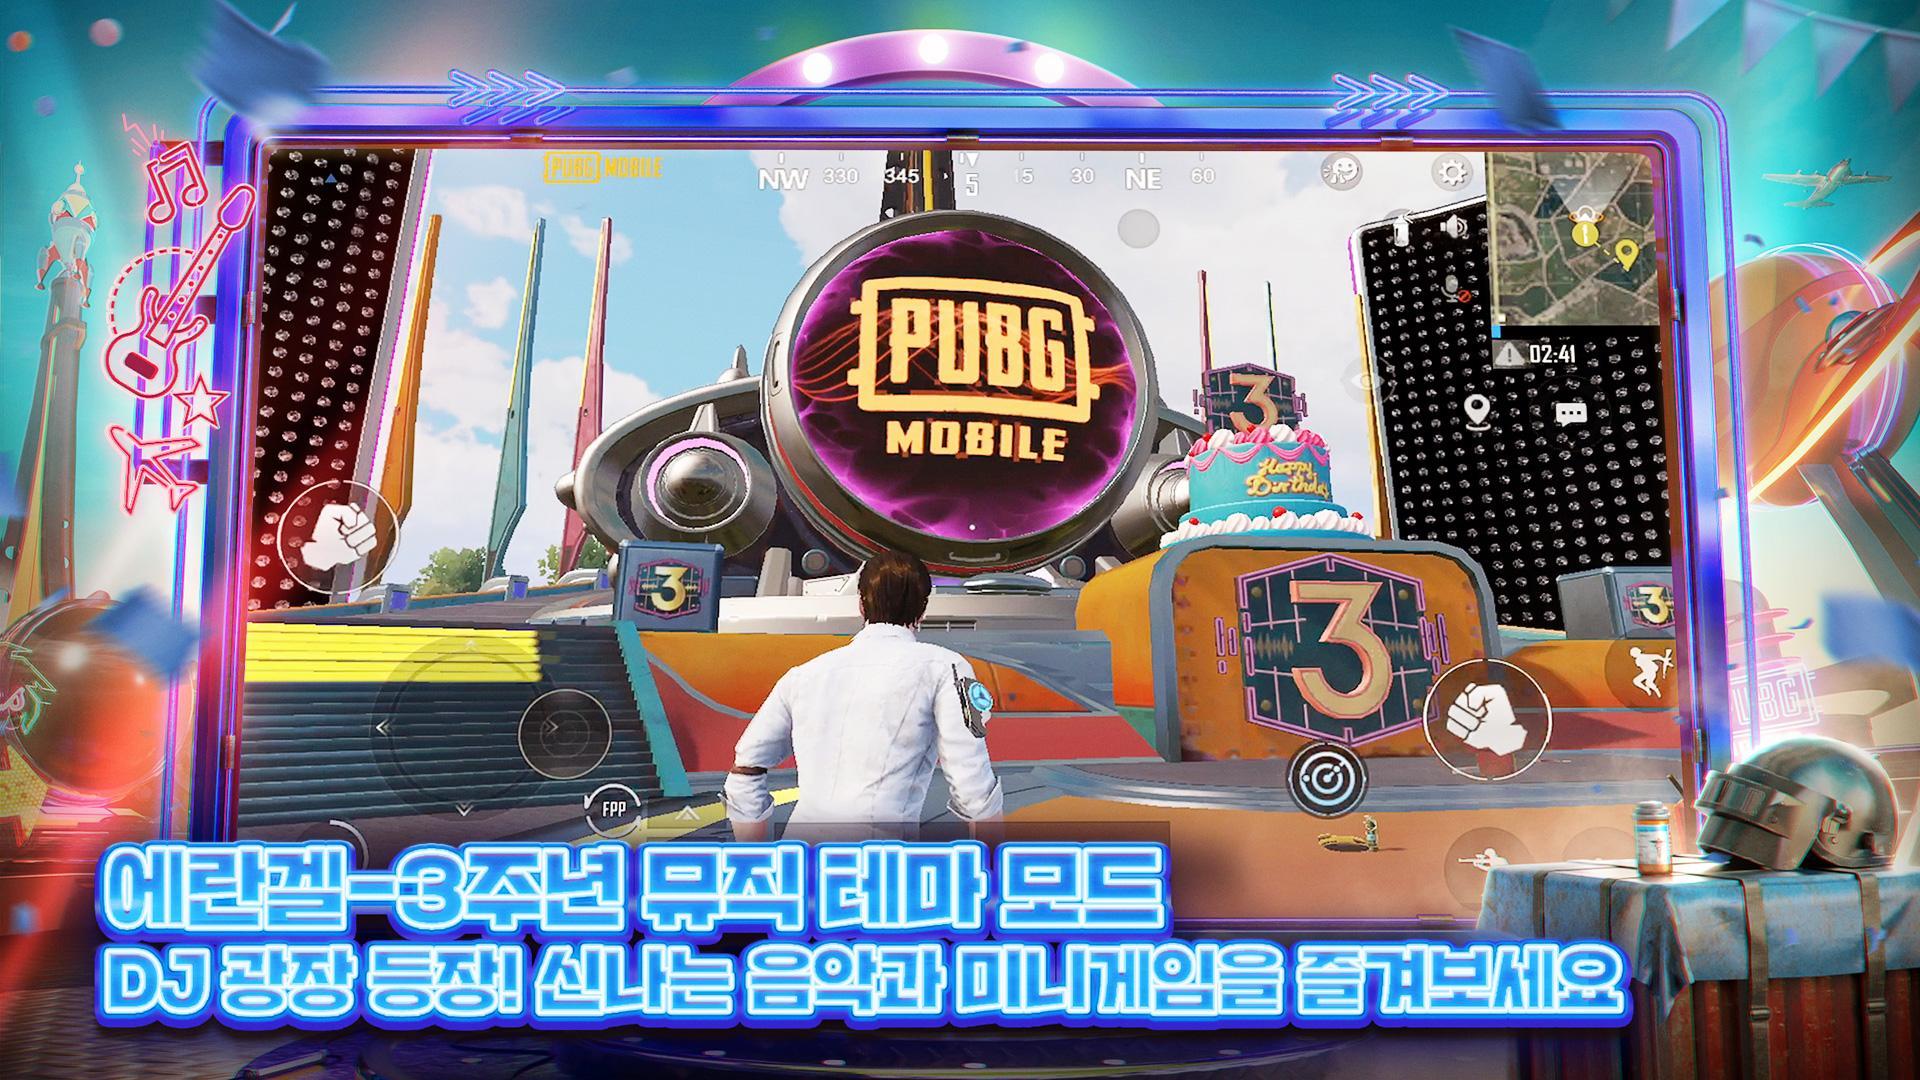 PUBG MOBILE KR poster